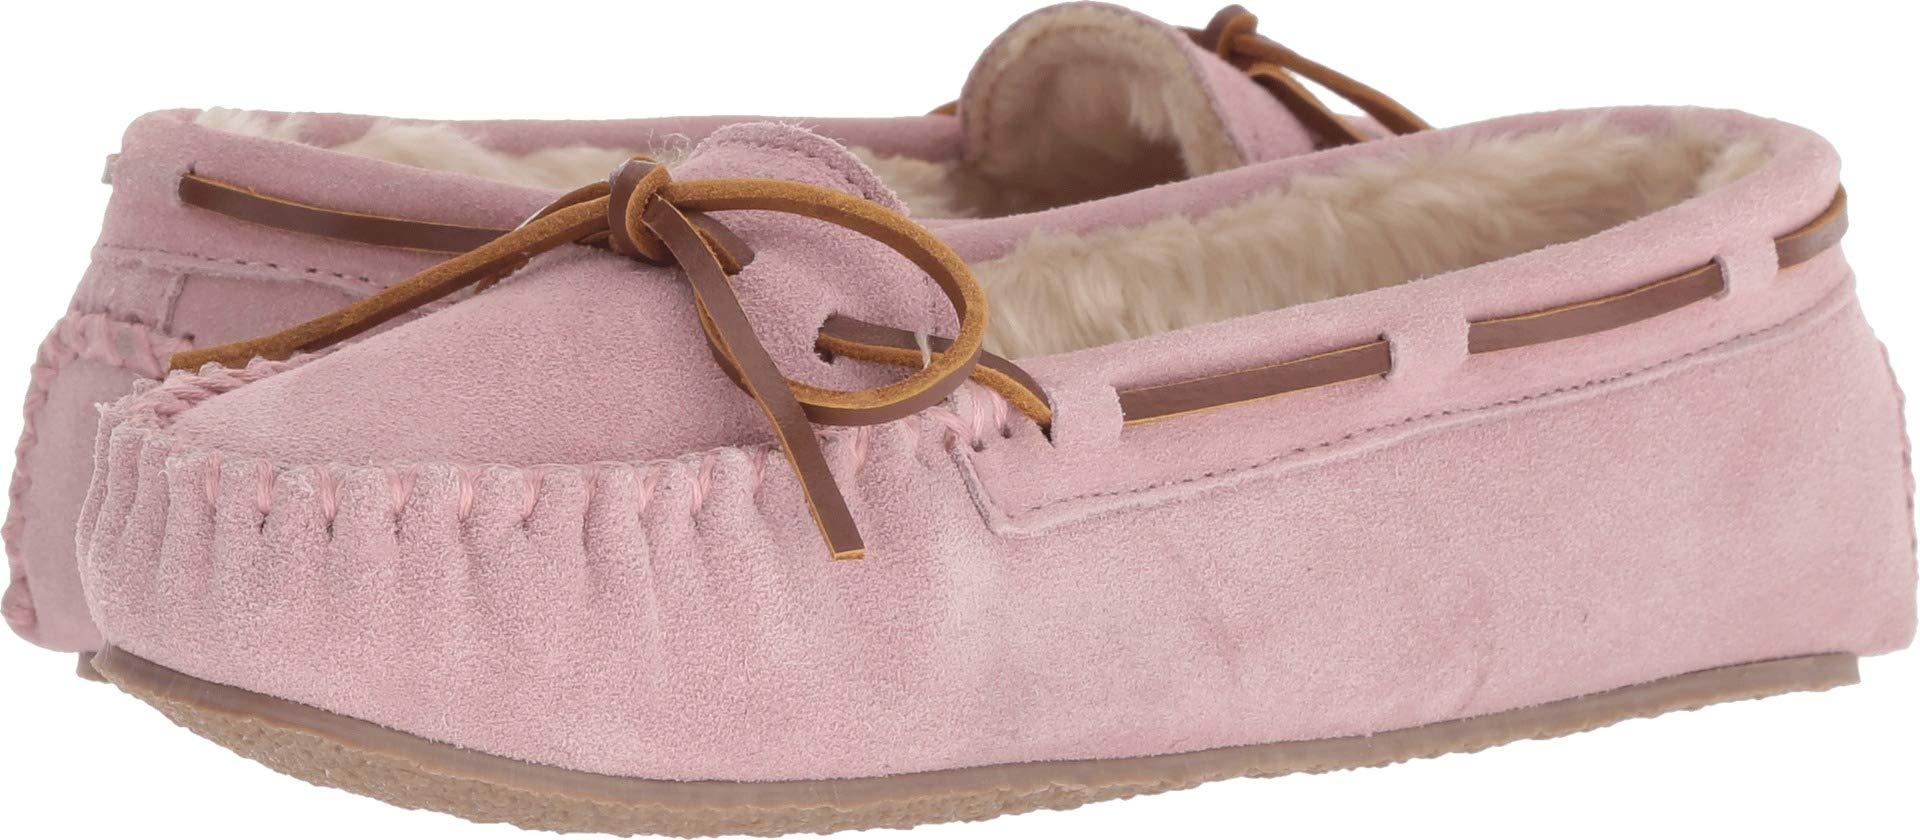 Minnetonka Womens Cally Slipper, Pink Blush, Size 9